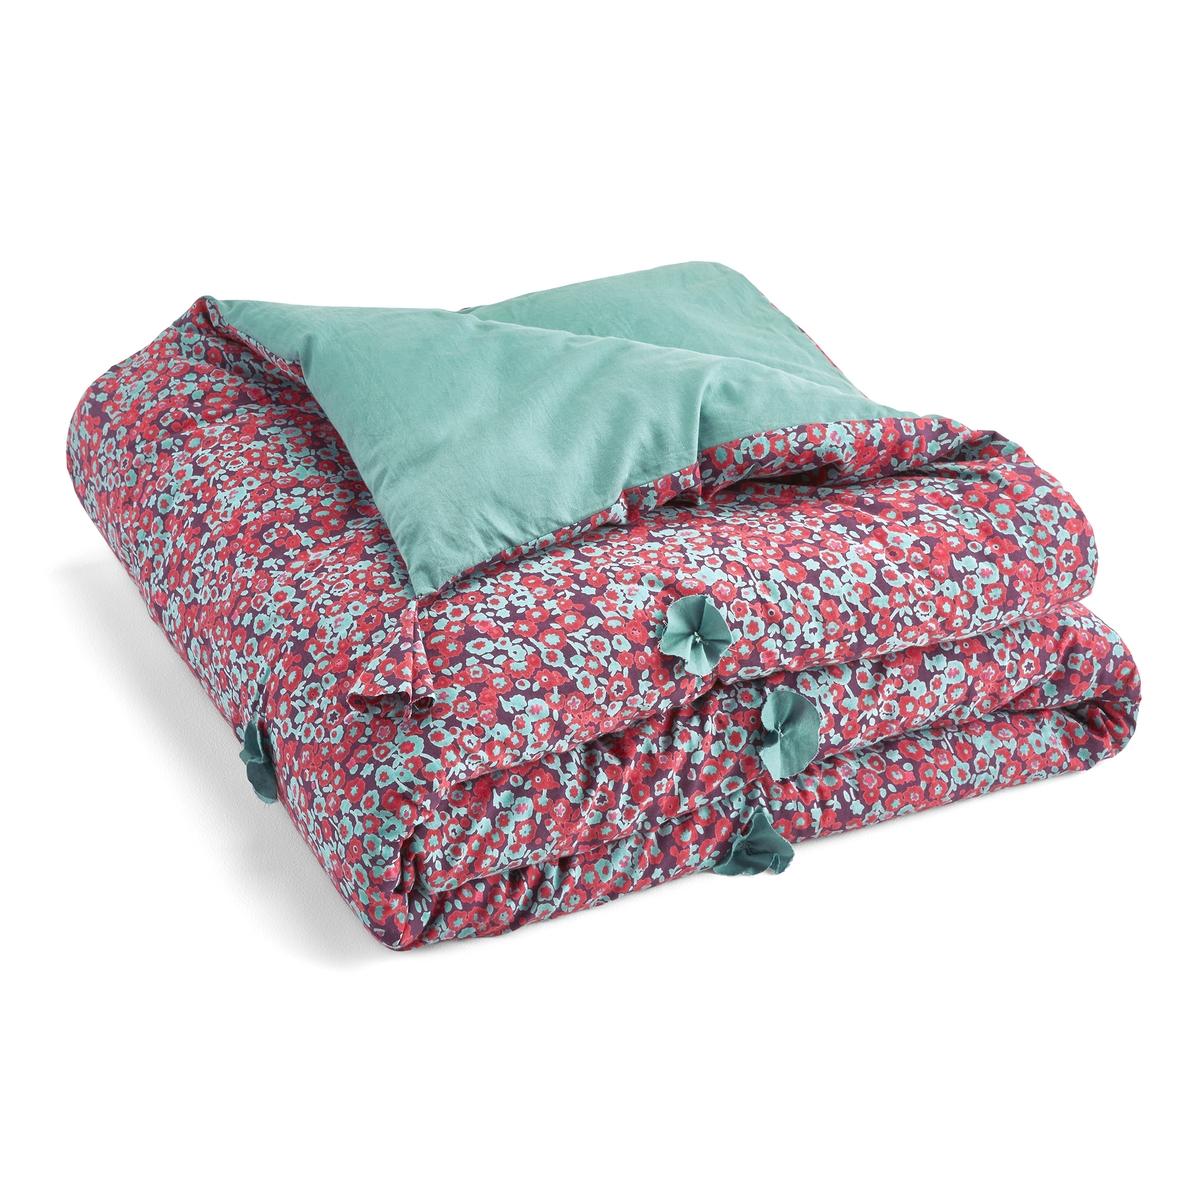 одеяло стеганое из хлопковой вуали с рисунком колорблок Покрывало La Redoute Из хлопковой вуали Springi 110 x 180 cm другие